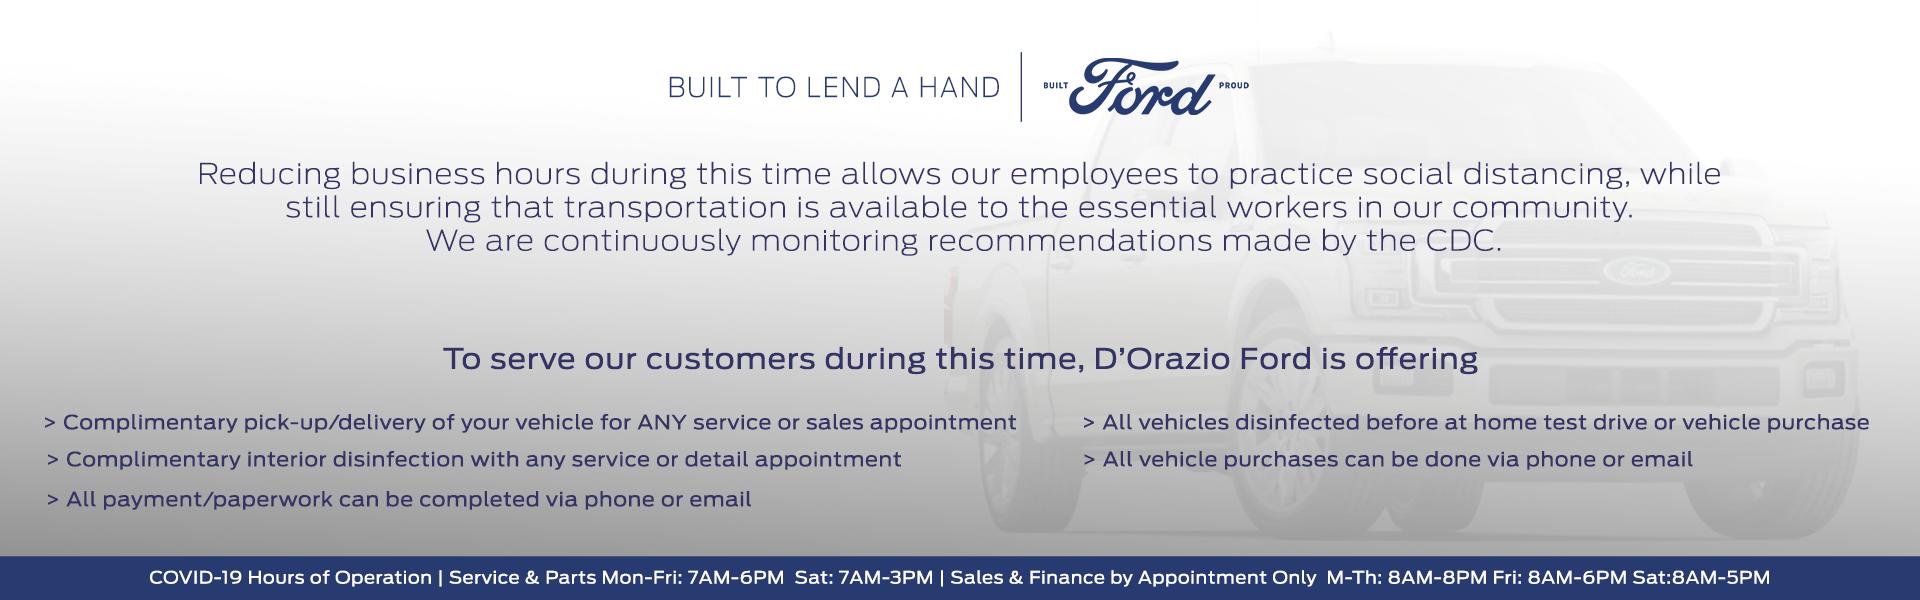 d orazio ford ford dealer in wilmington il d orazio ford ford dealer in